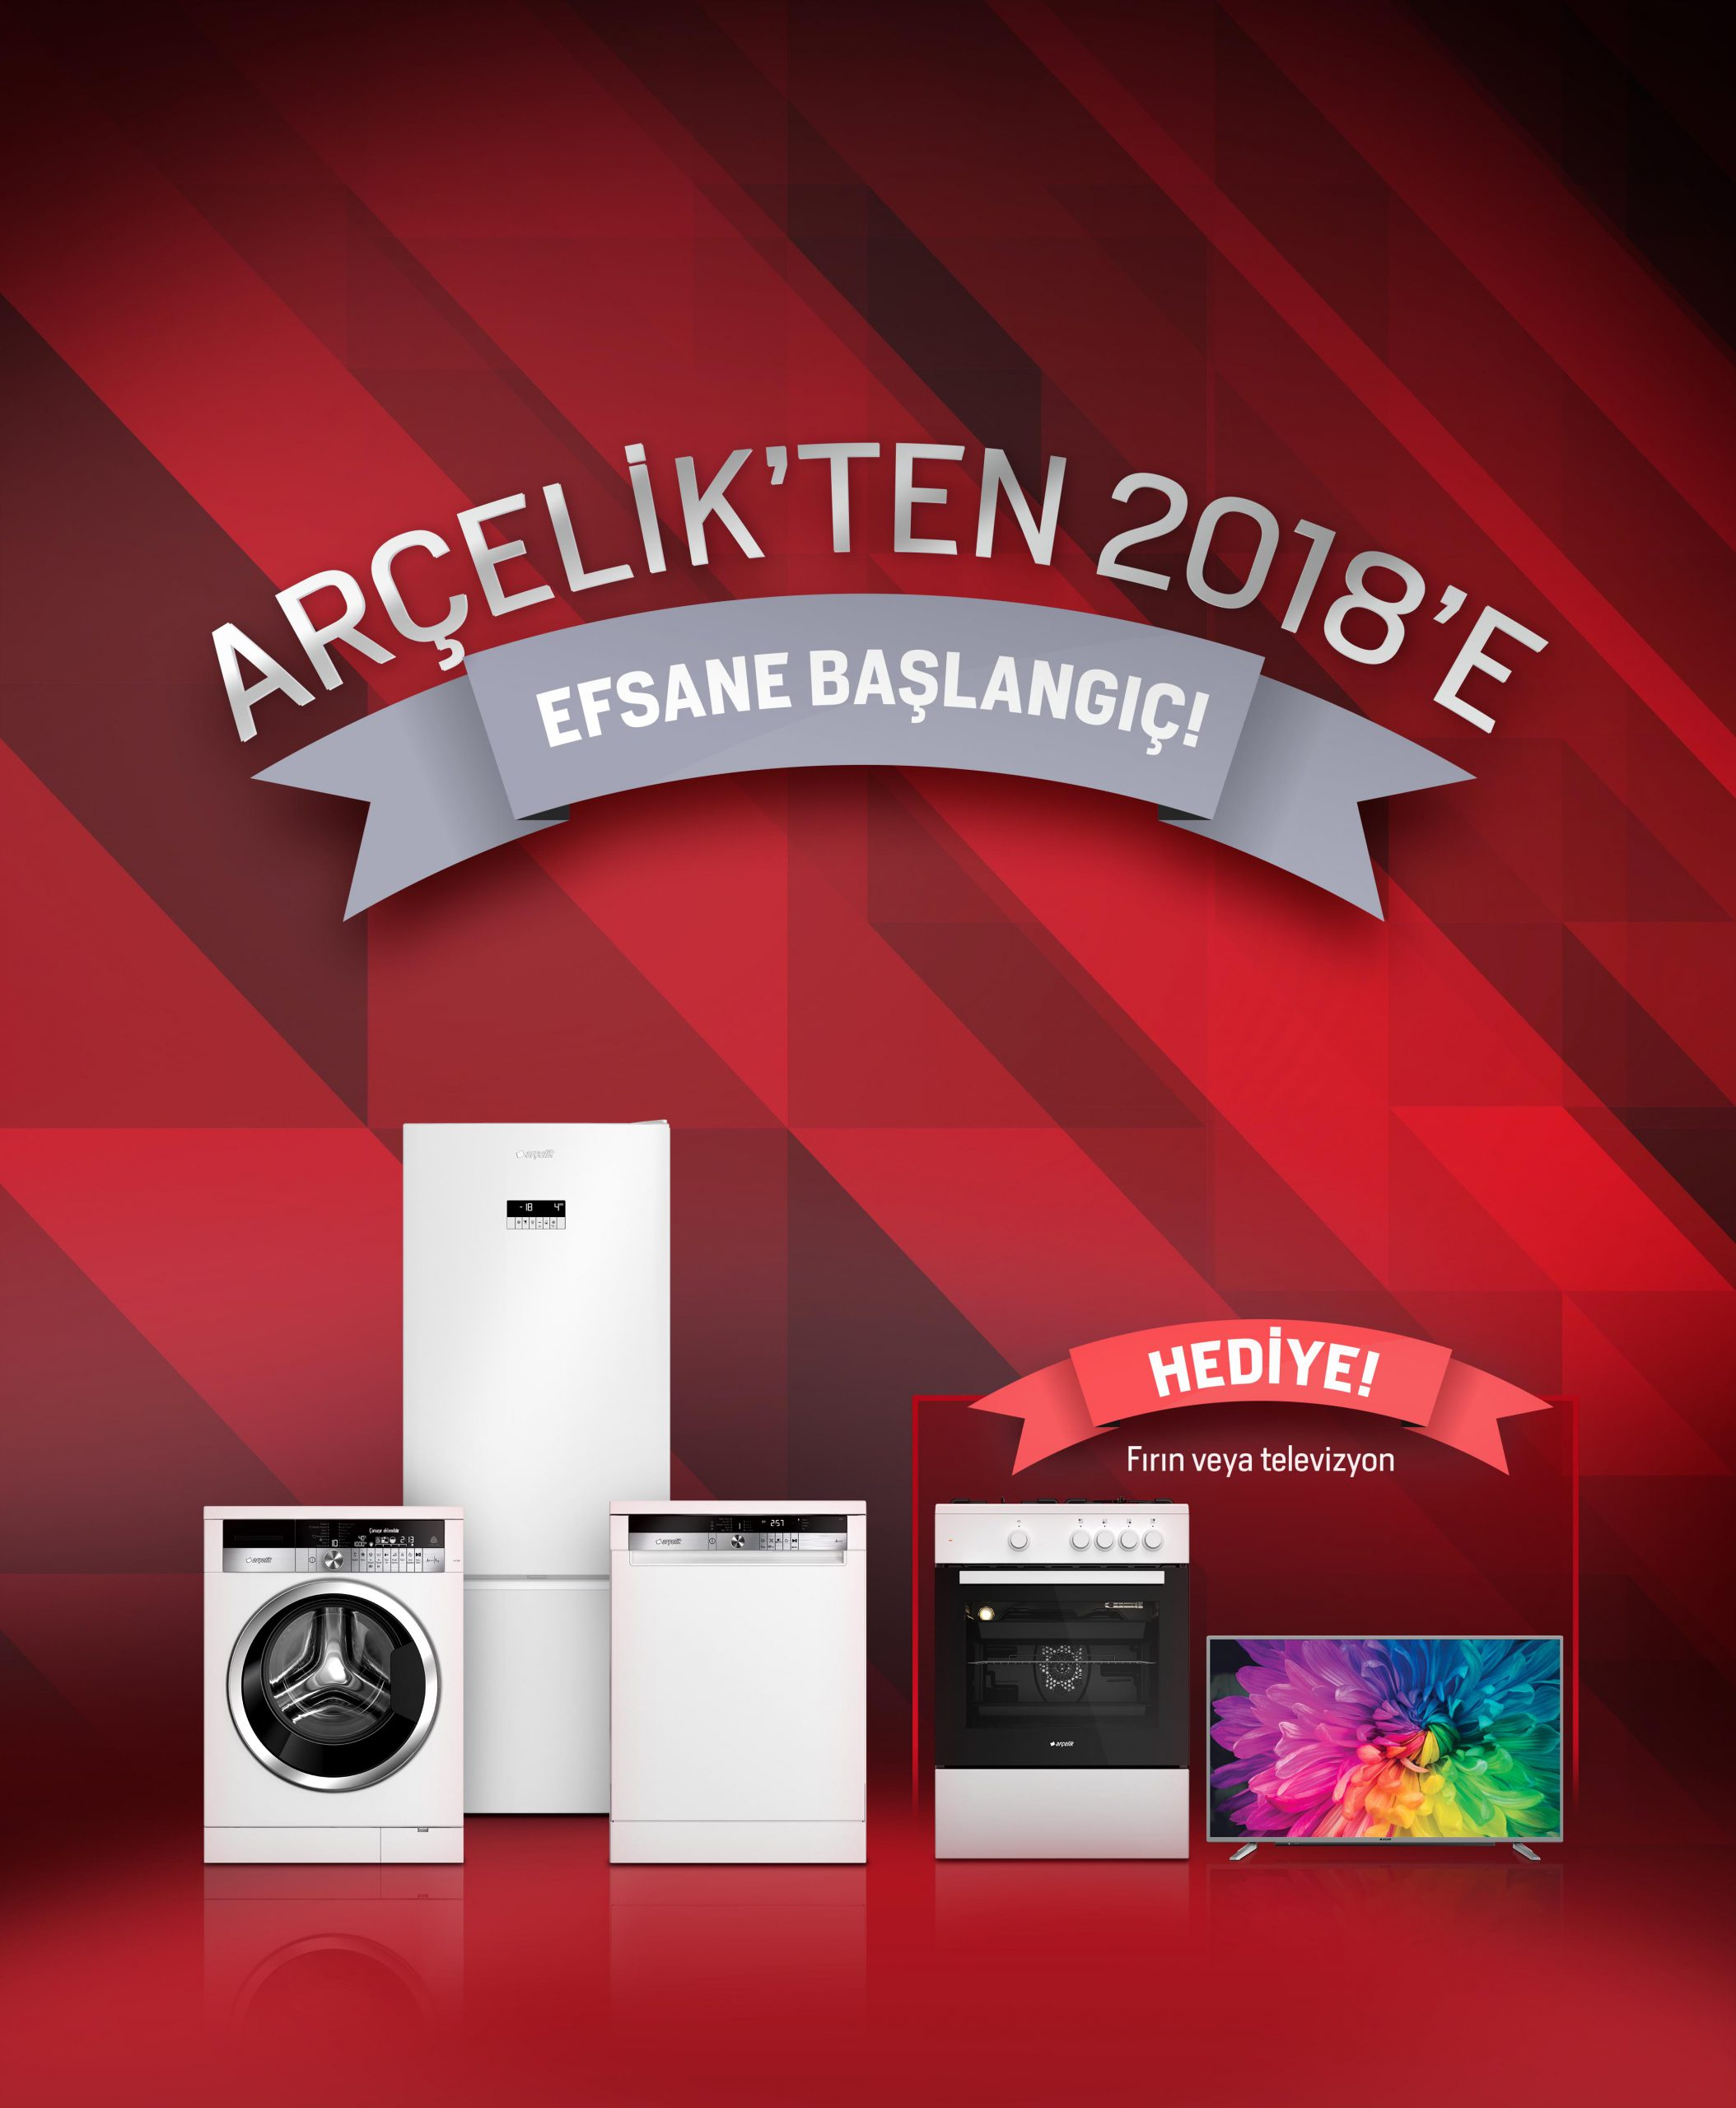 arcelik-ten-2018-yilinin-en-buyuk-kampanyasi